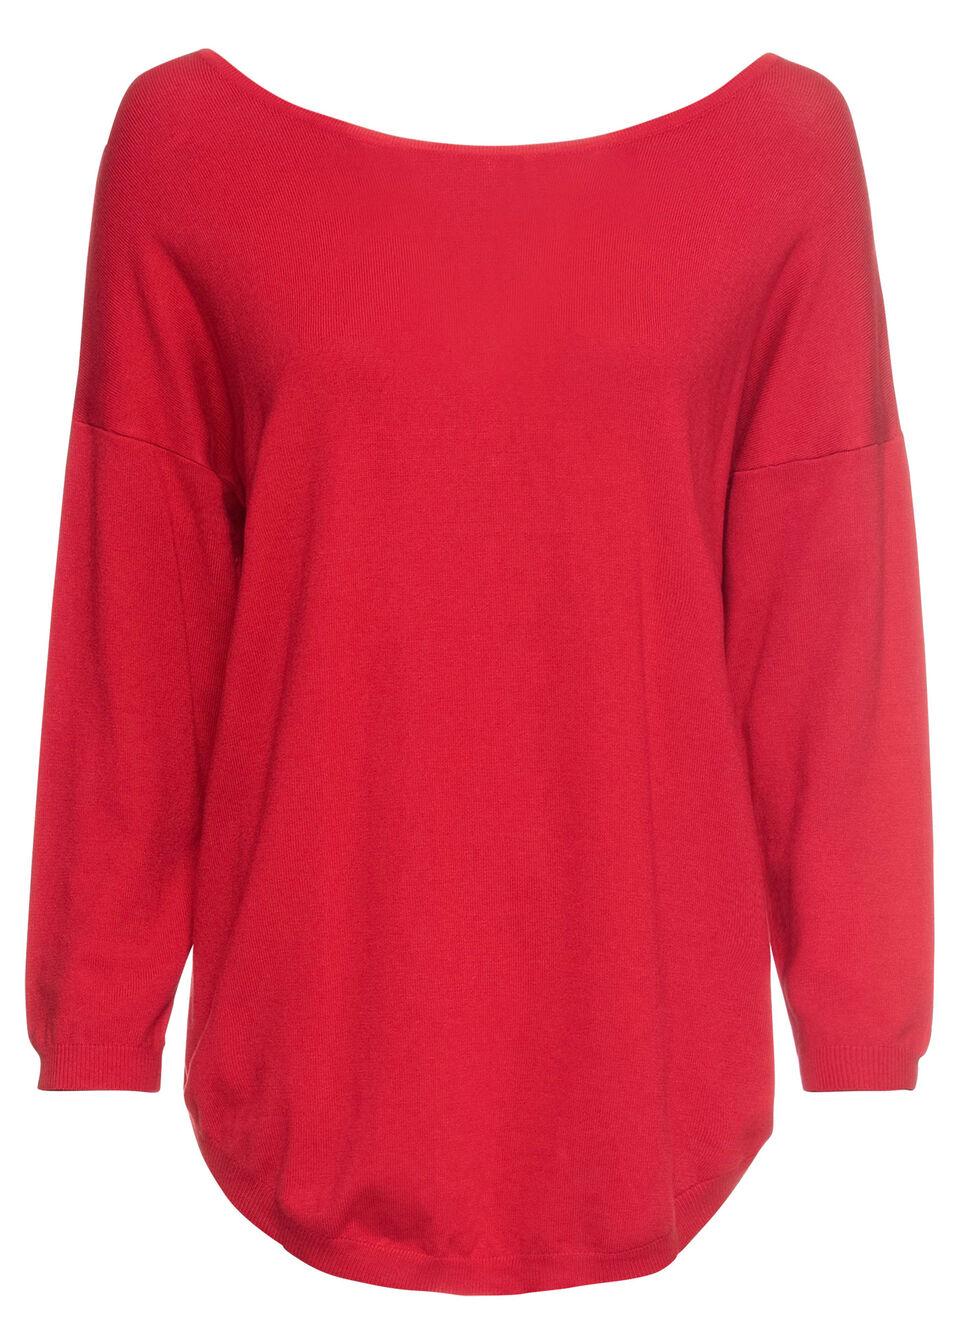 Купить Свитера, Пуловер с V-вырезом на спине, bonprix, клубничный